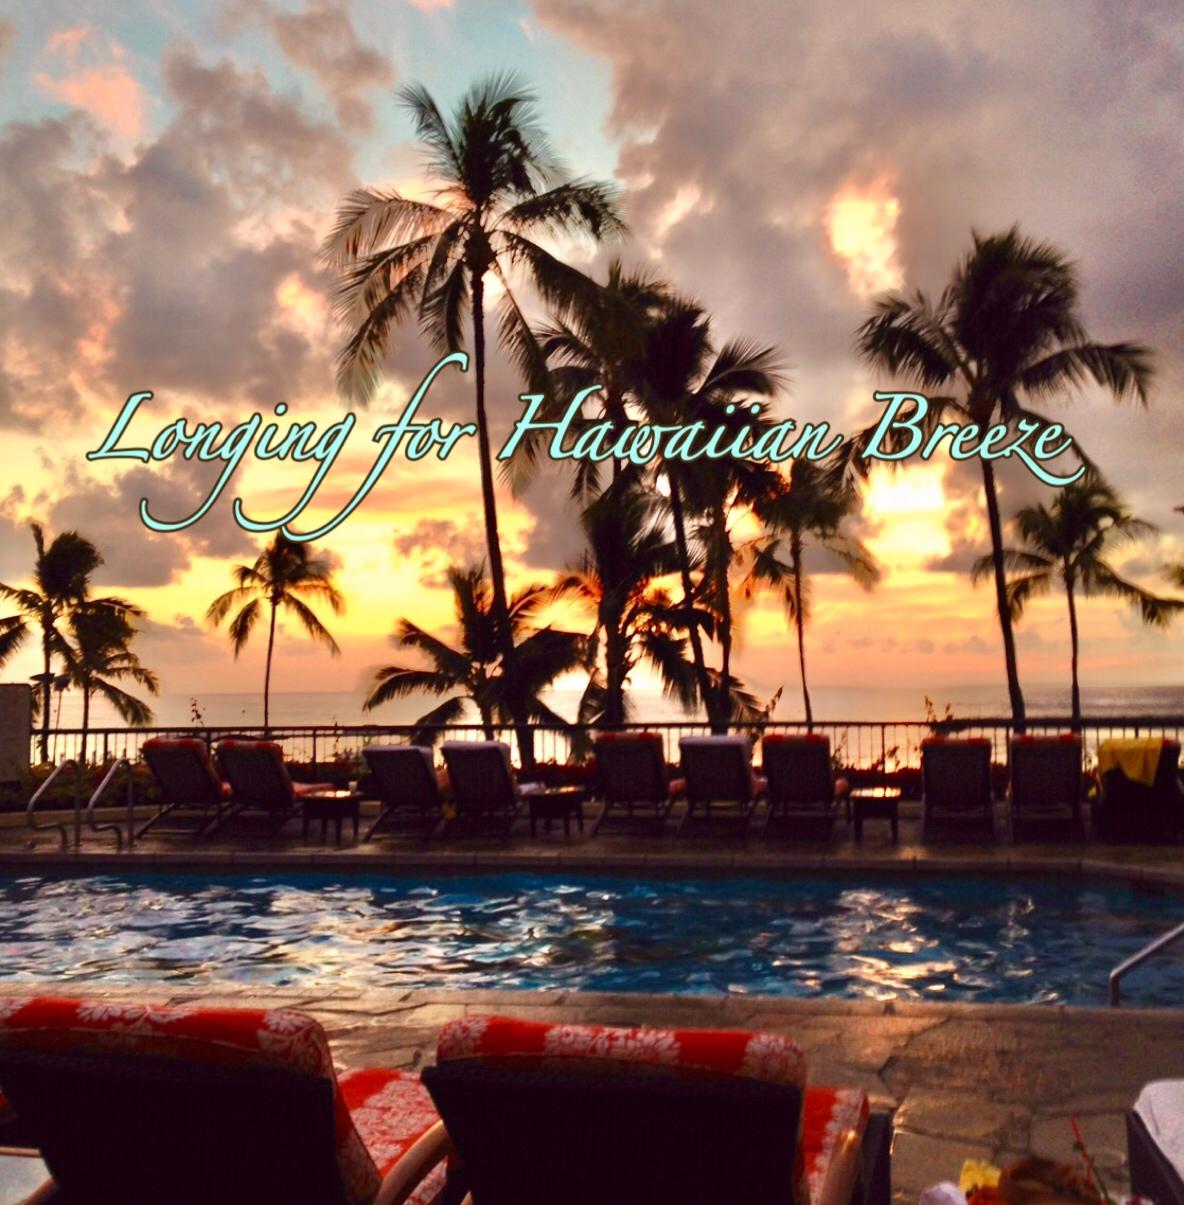 限定グラノーラ ハワイアン*コナ/ストレート * Hawaiian Kona Granola/Straight 270g